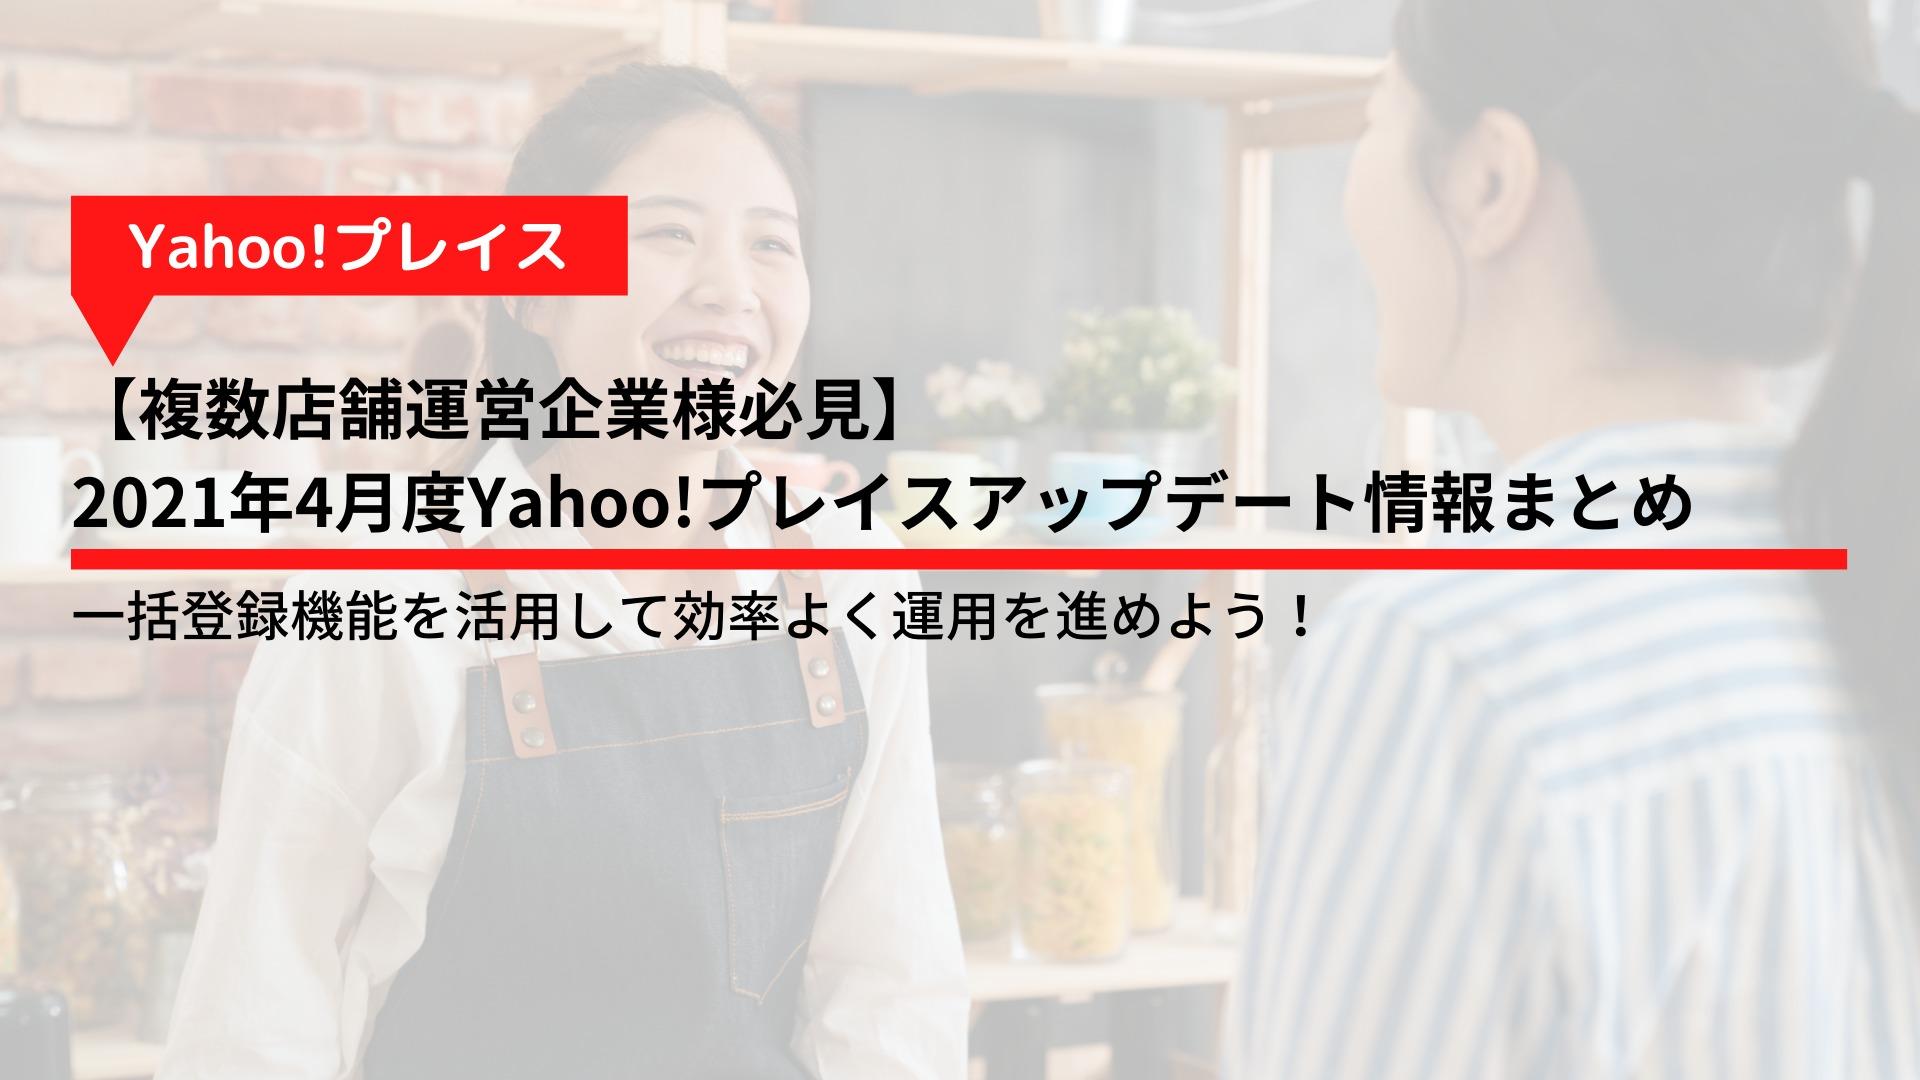 【複数店舗運営企業様必見】 2021年4月度Yahoo!プレイスアップデート情報まとめ